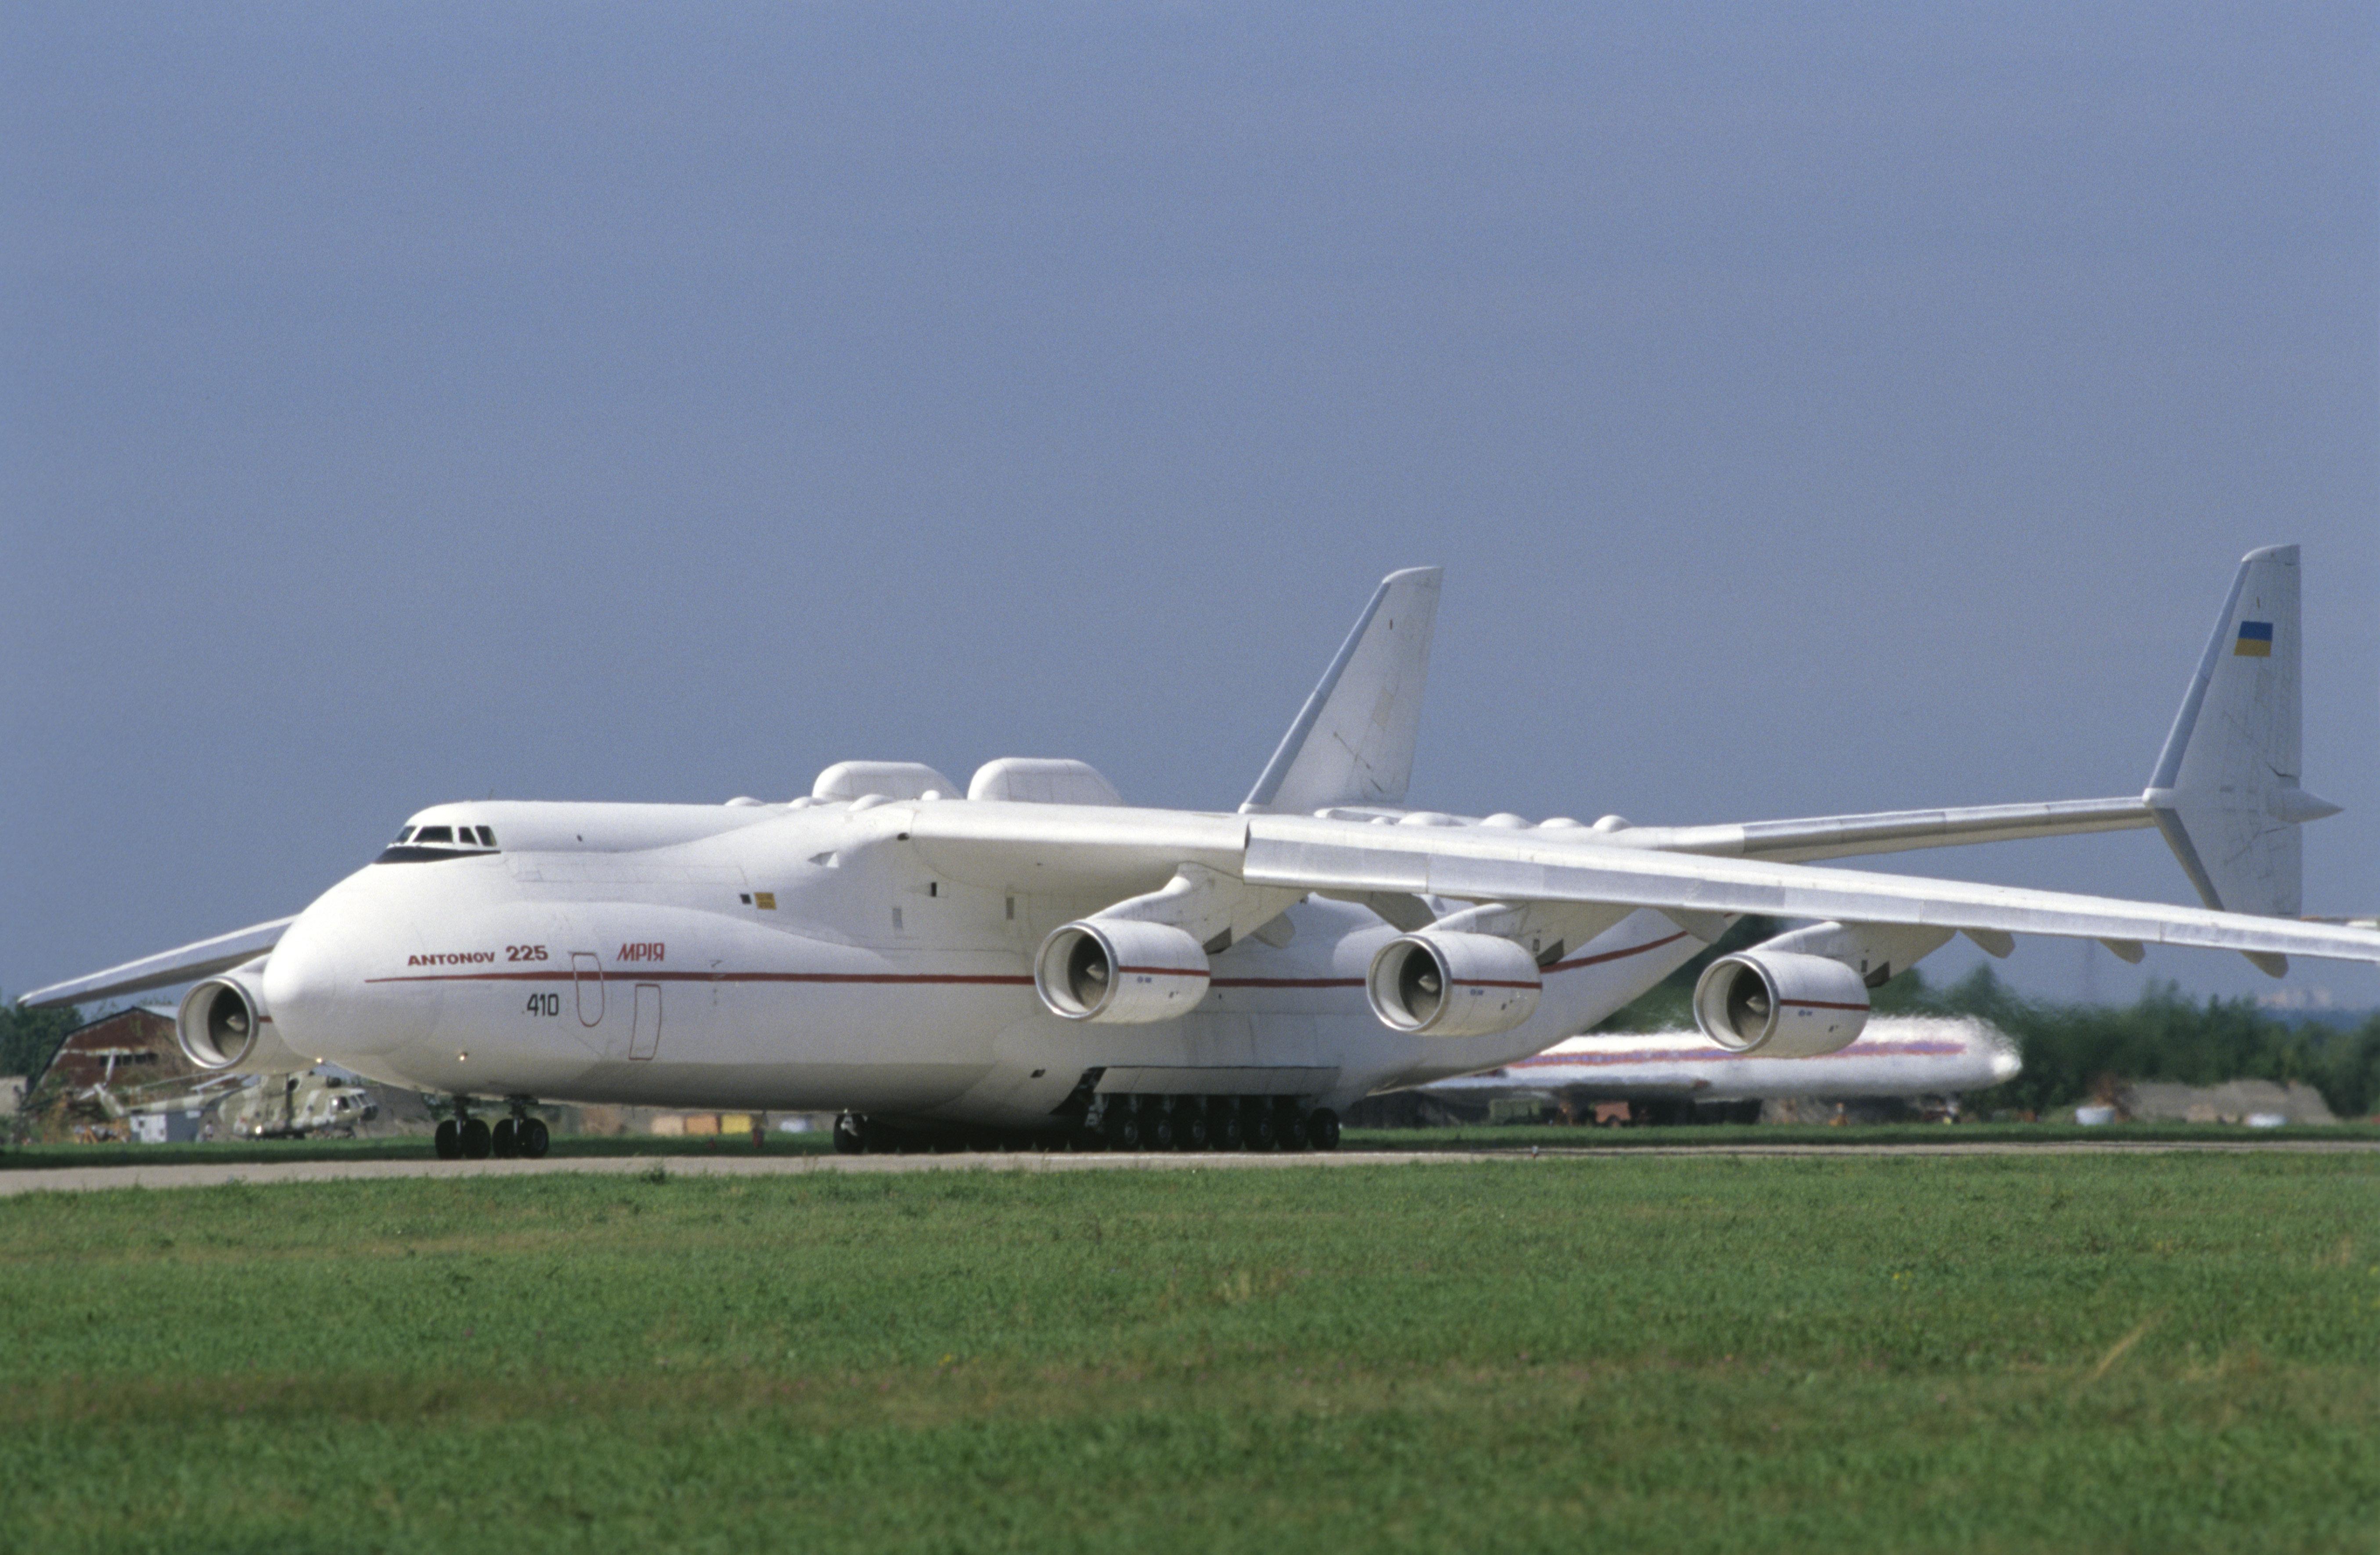 L'Antonov An-225 Mriya